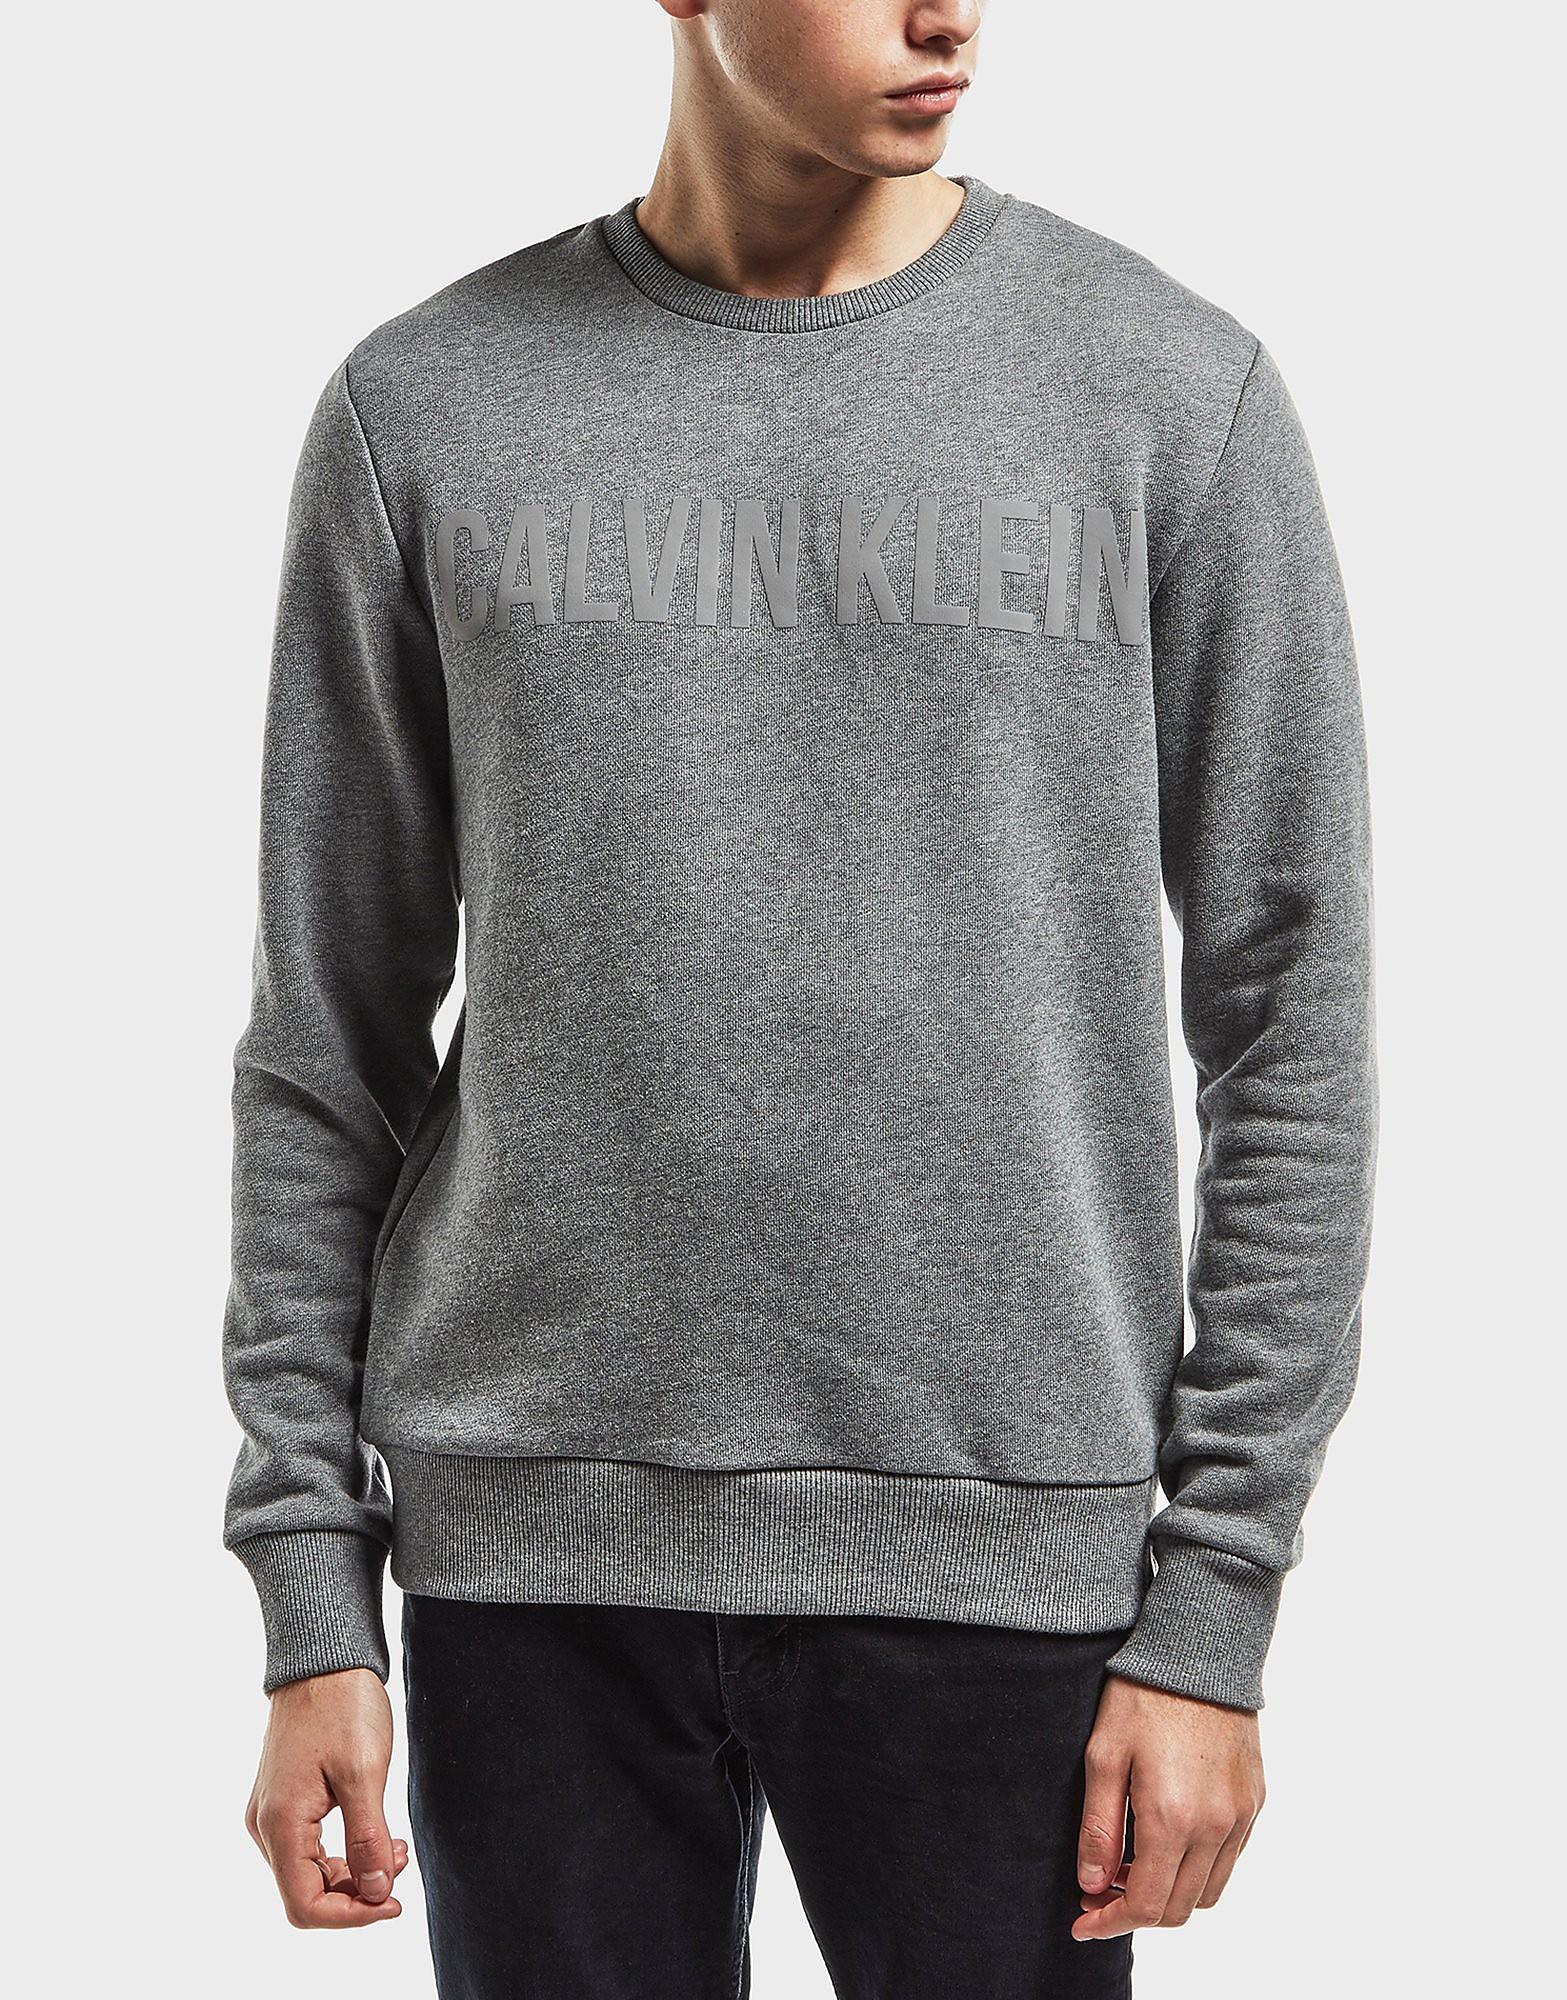 Calvin Klein Tonal Logo Sweatshirt